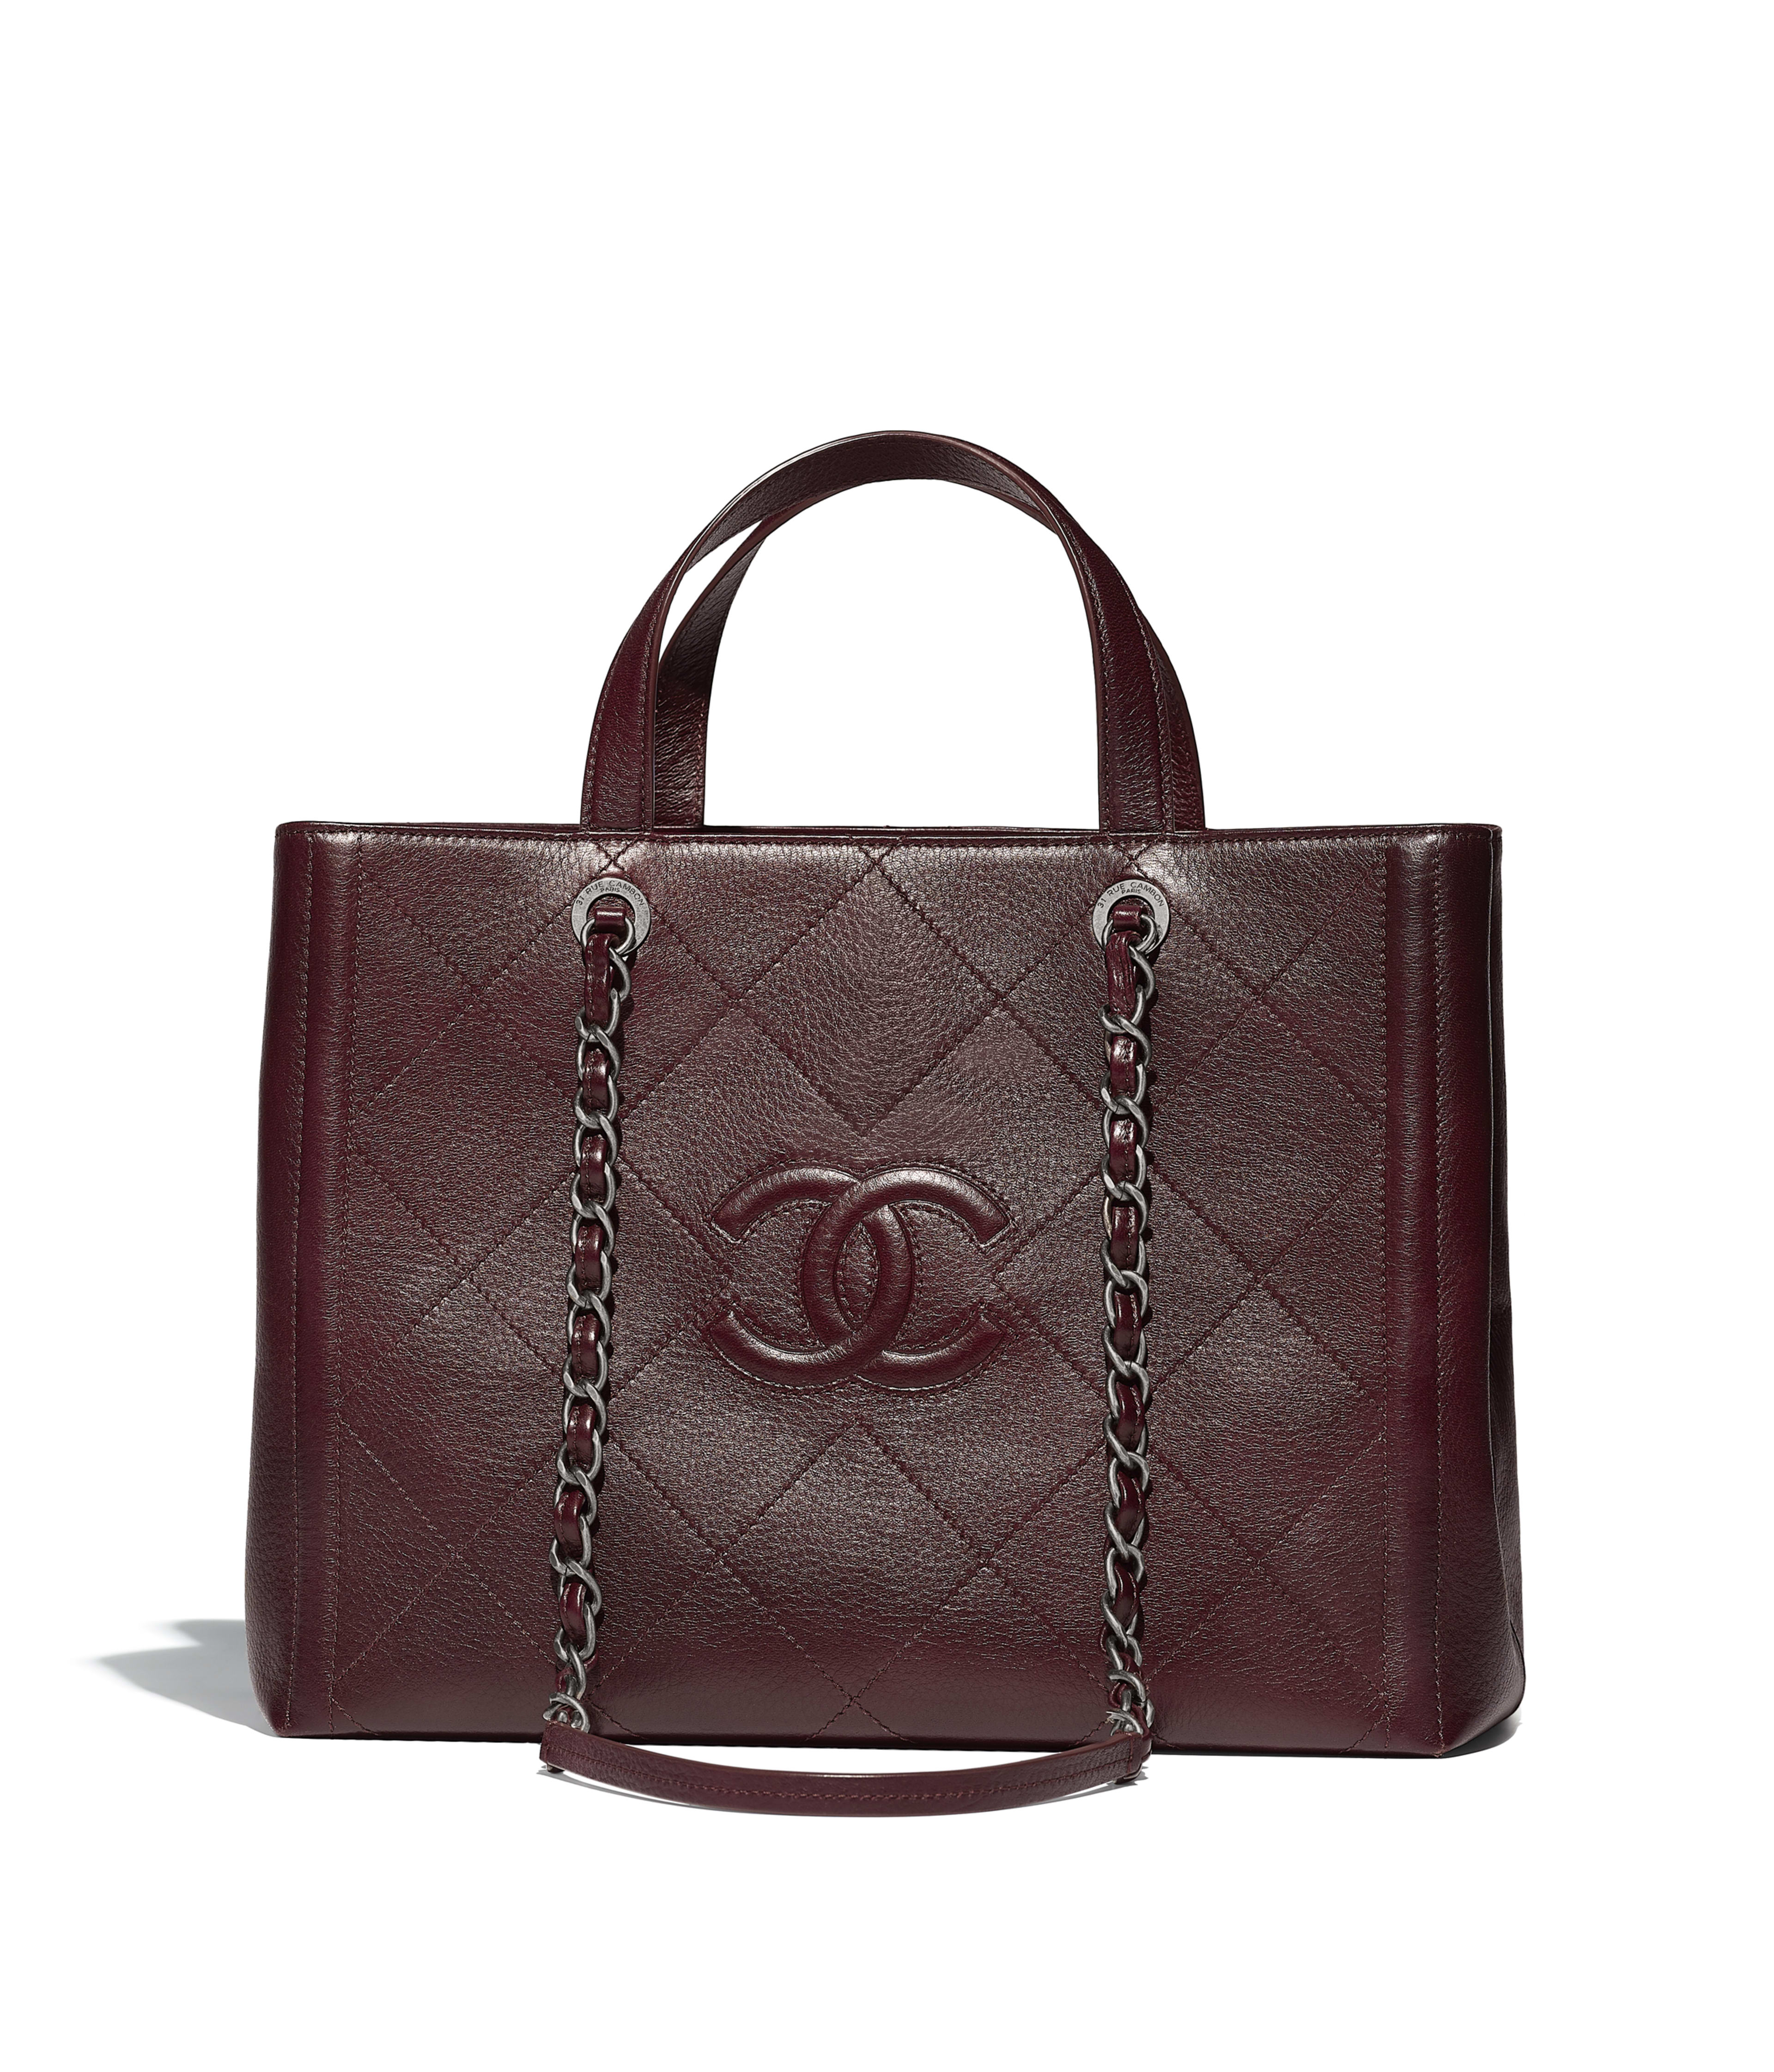 Large Ping Bag Grained Deerskin Ruthenium Finish Metal Burgundy Ref A57890y838585b425